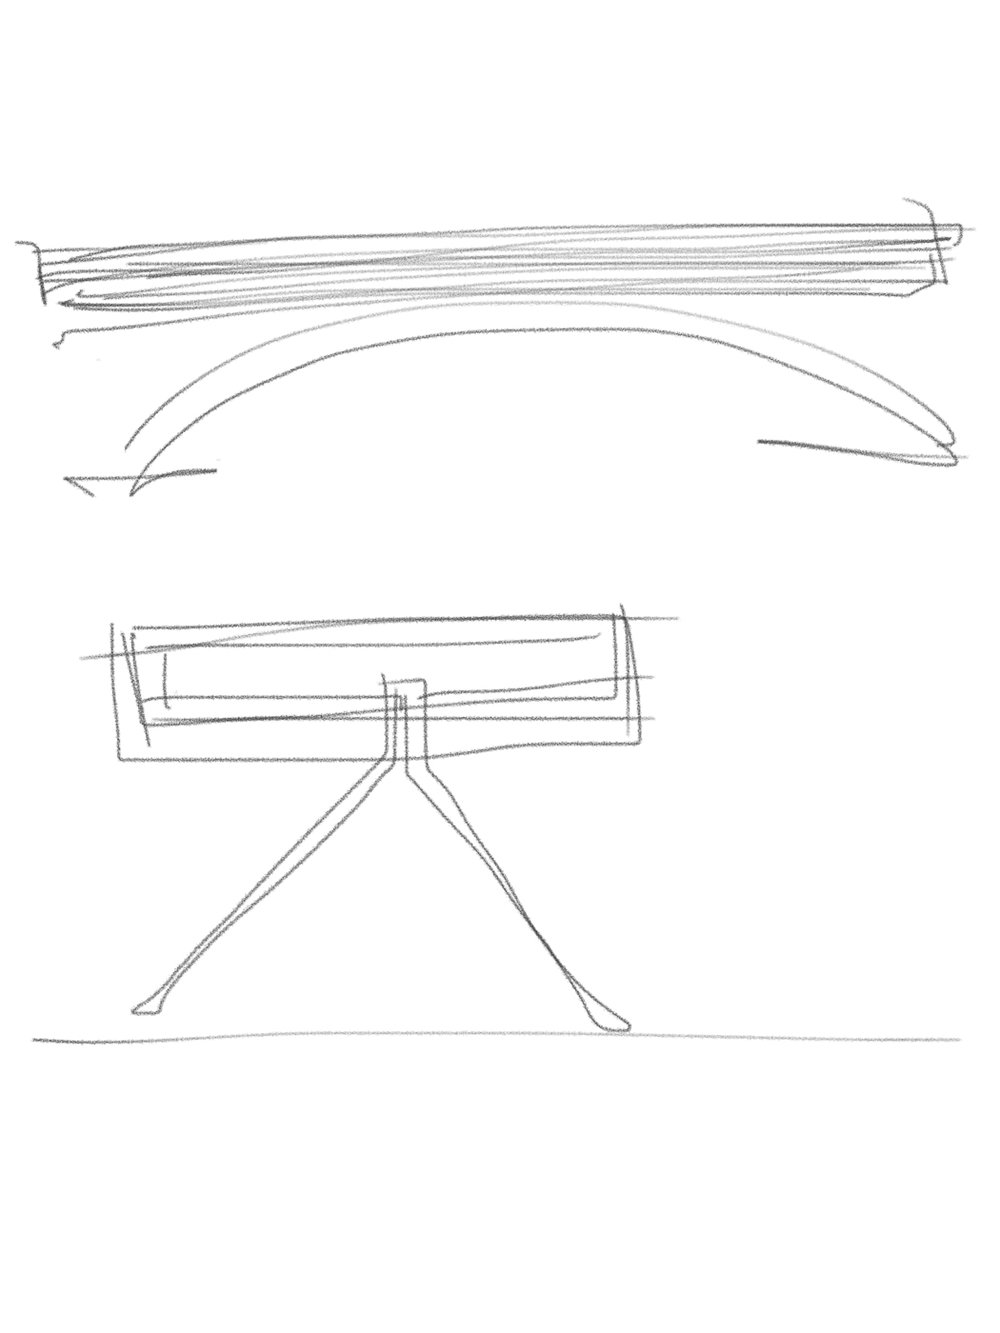 Sketch-203.jpg